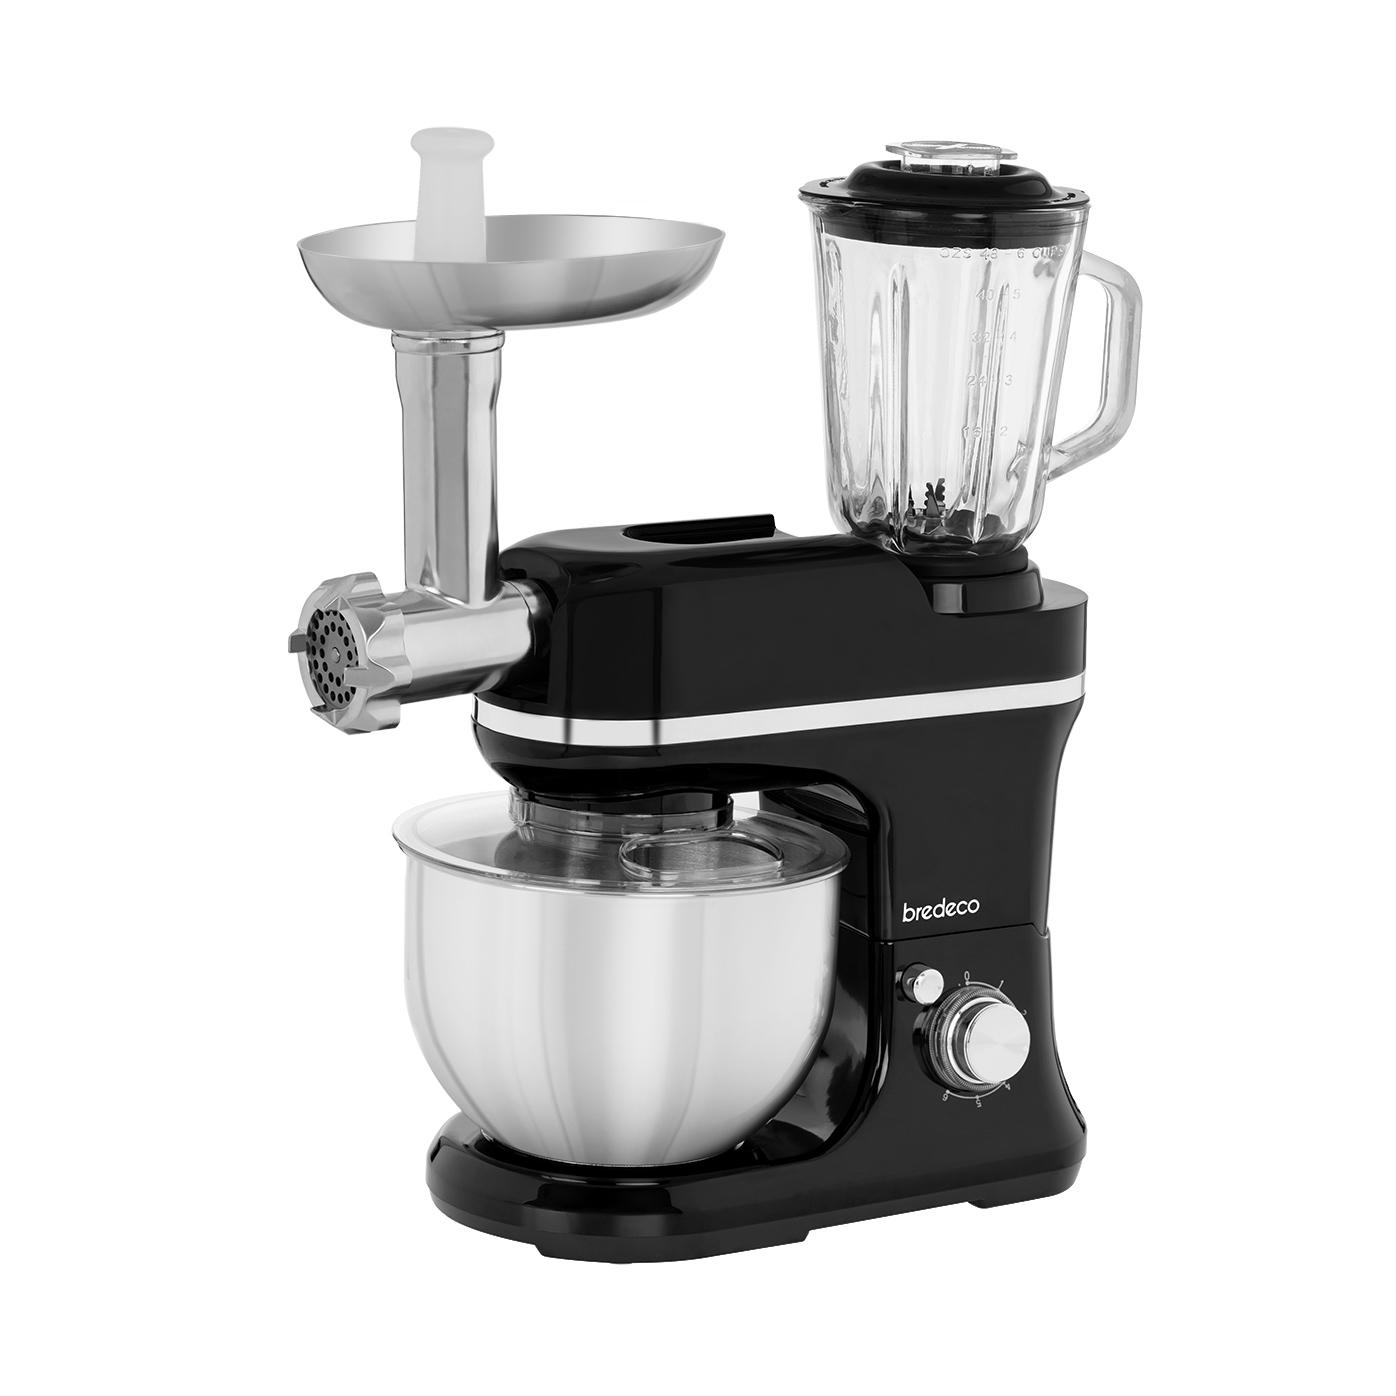 bredeco Küchenmaschine - inkl. Mixer & Fleischwolf - 1.200 W 10080043